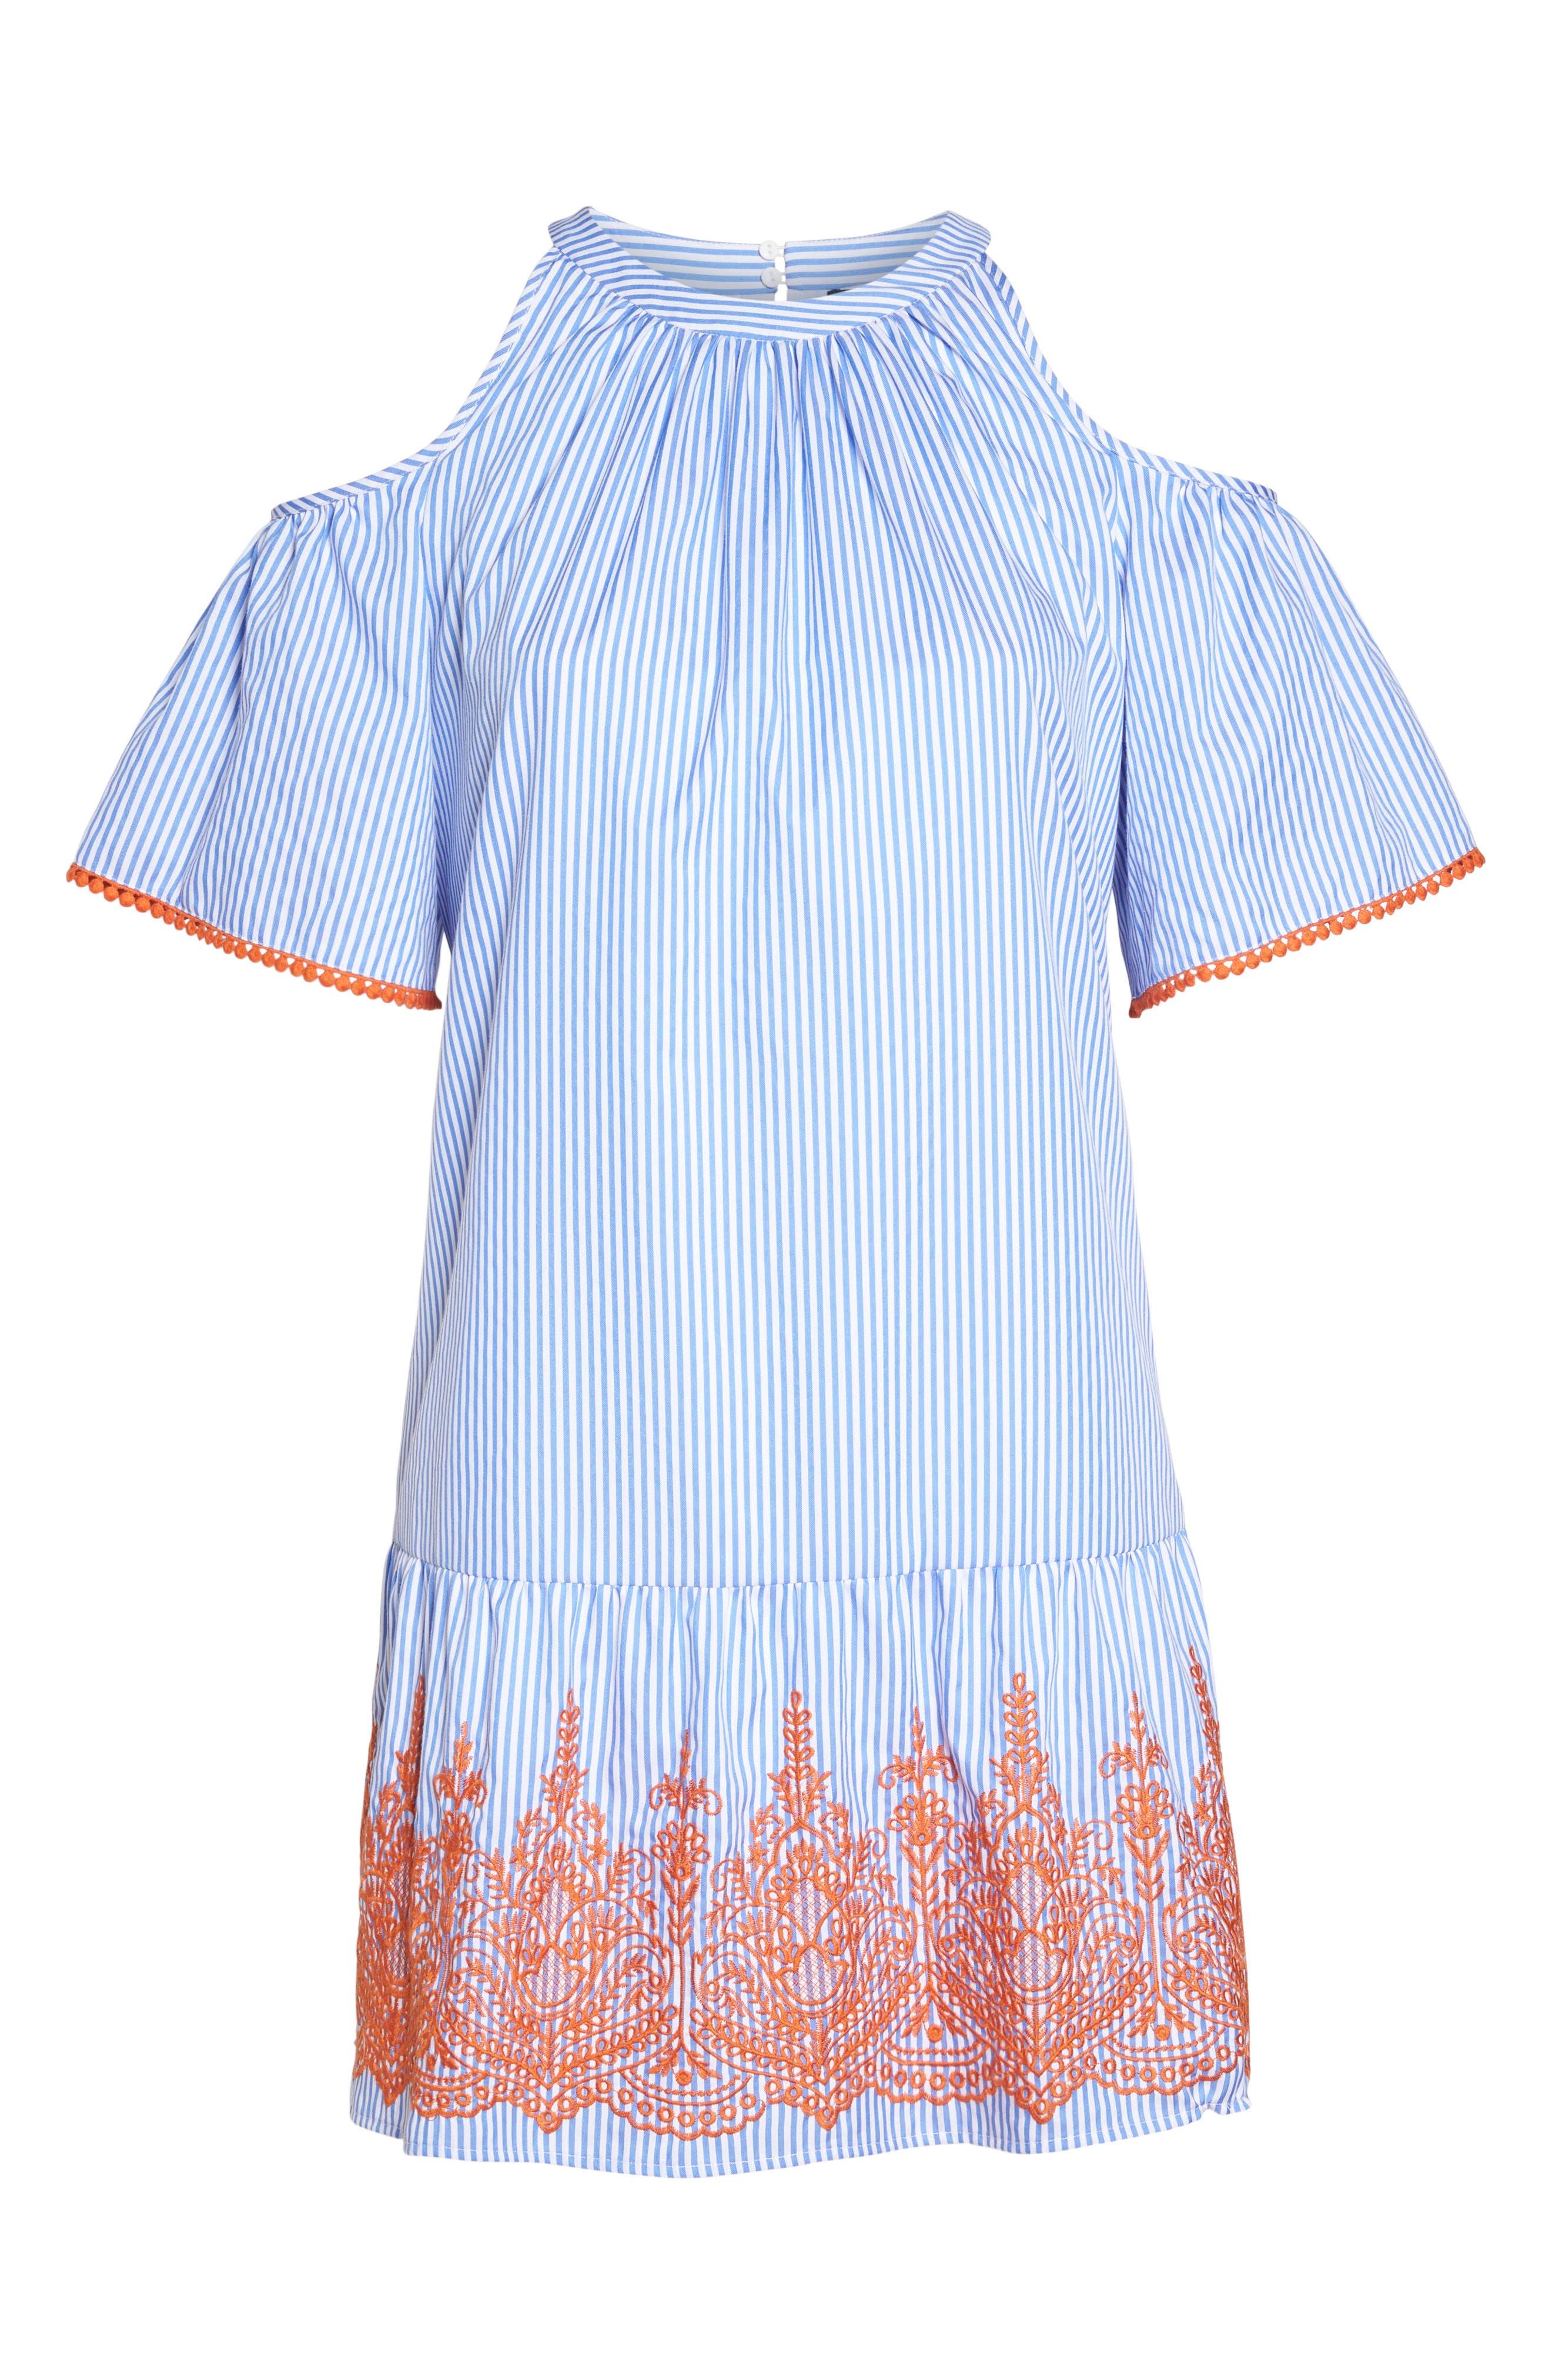 Embroidered Stripe Cold Shoulder Shift Dress,                             Alternate thumbnail 6, color,                             Blue/ White/ Orange